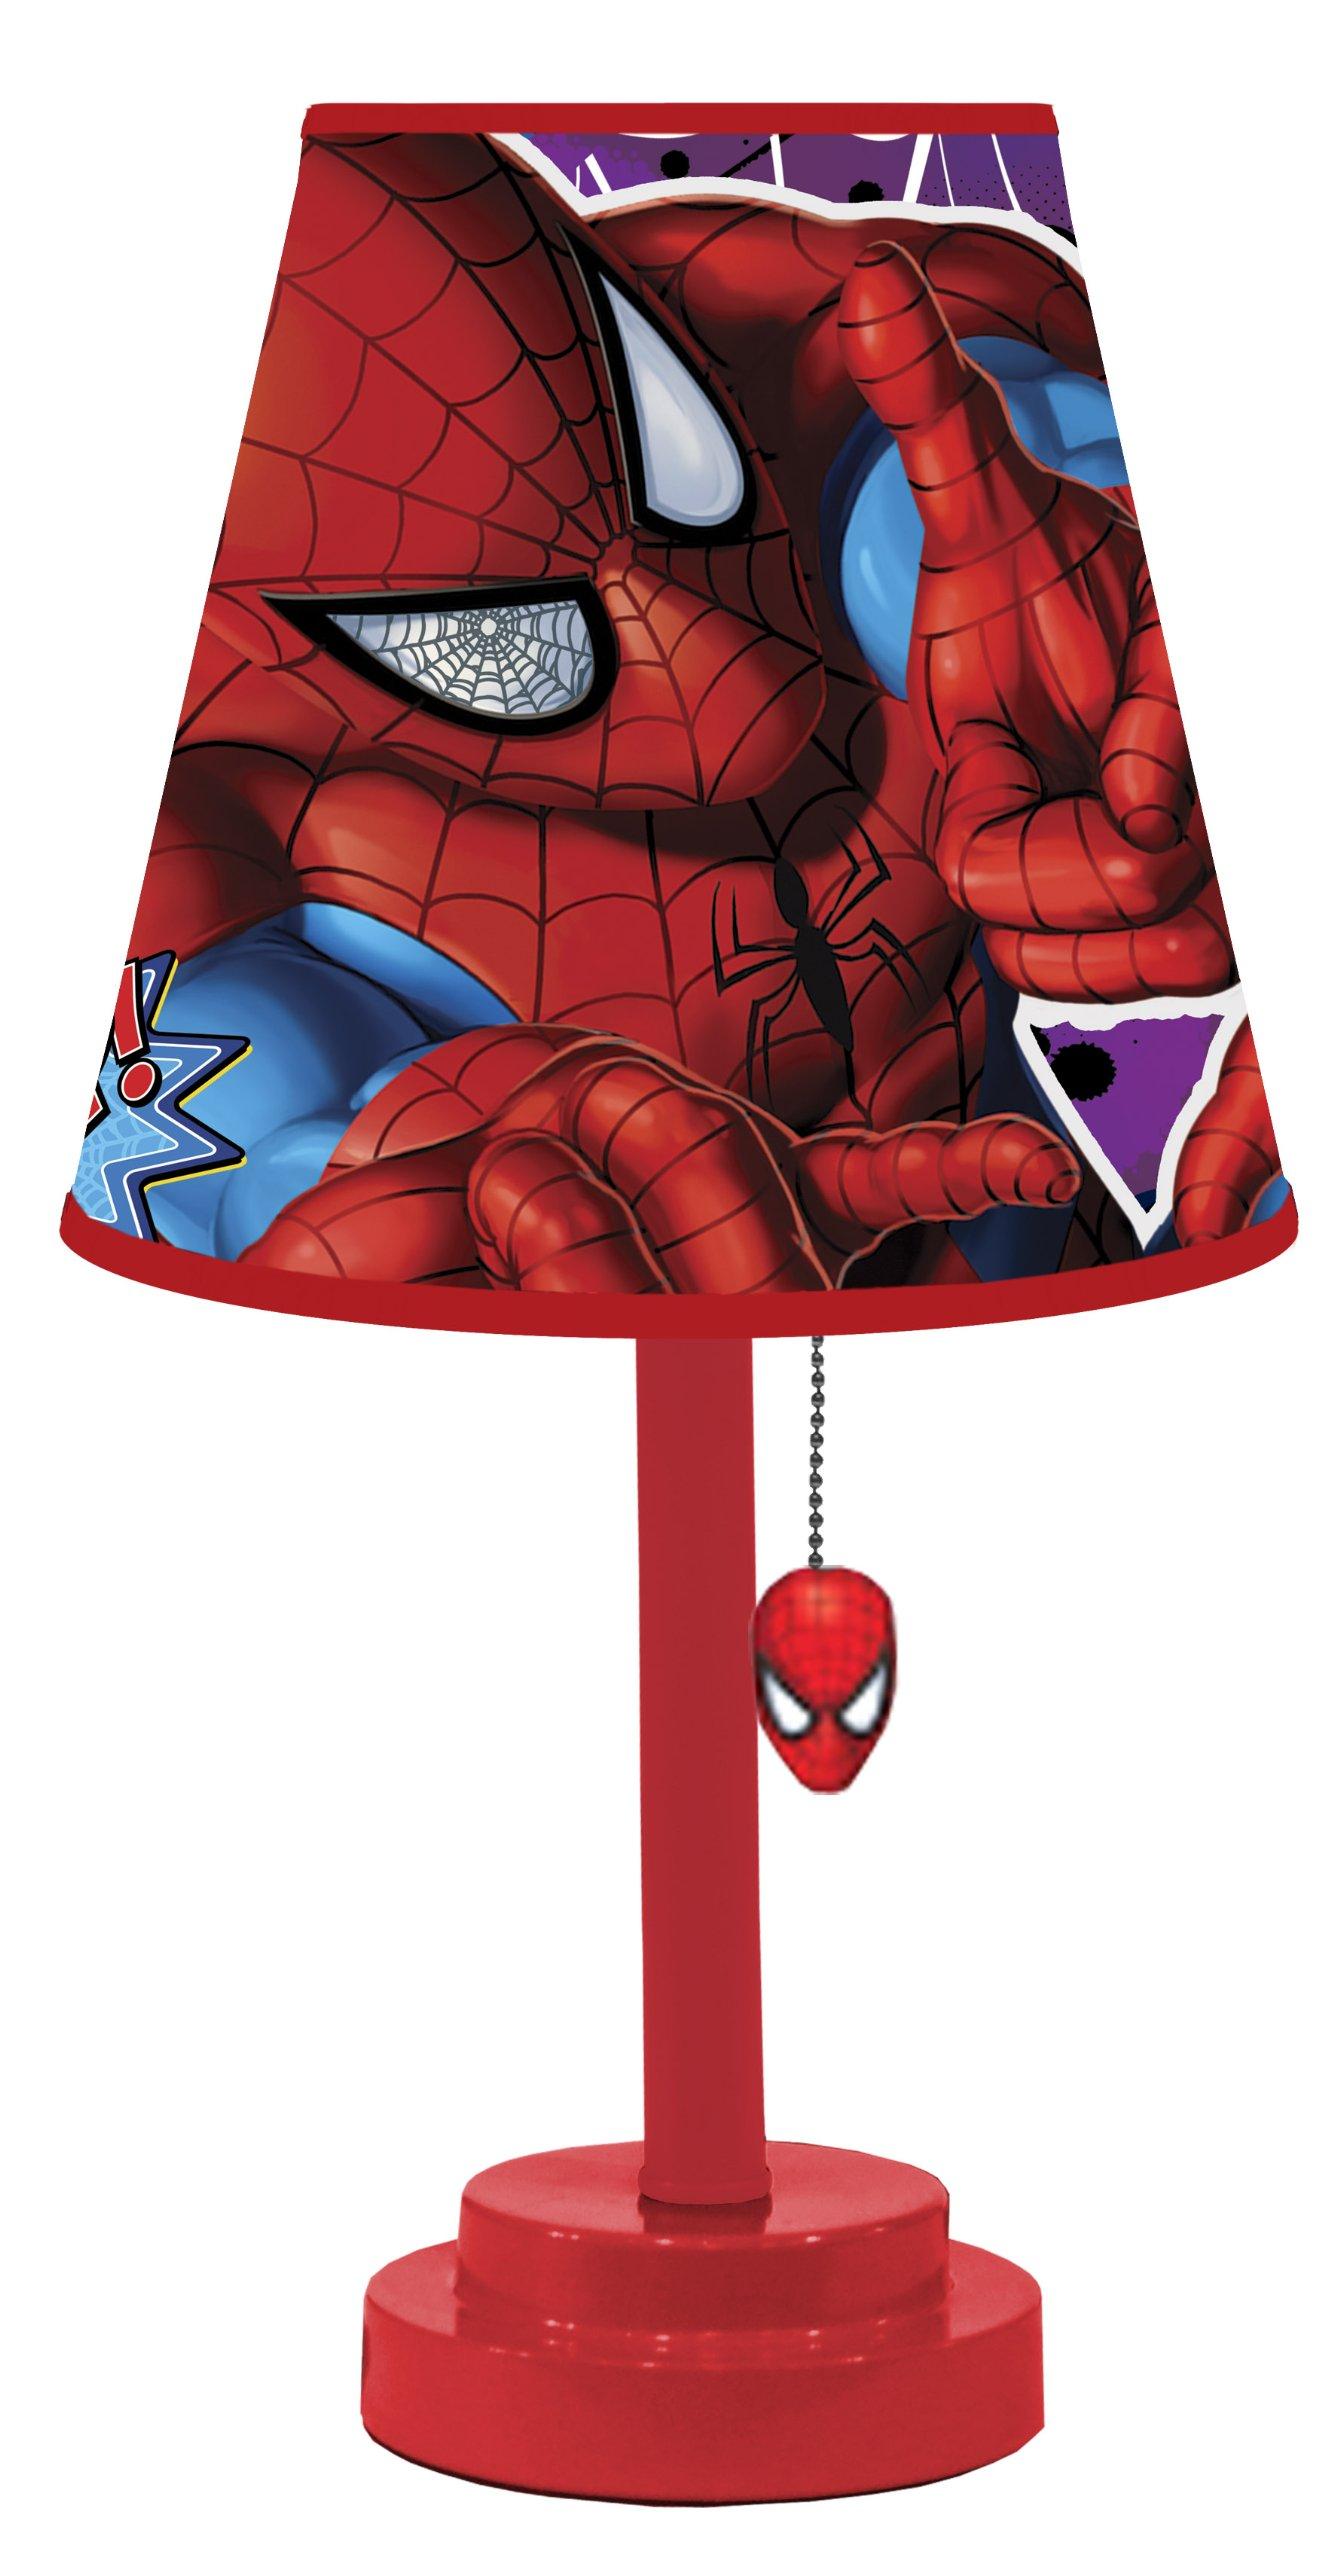 Marvel Spiderman Table Lamp